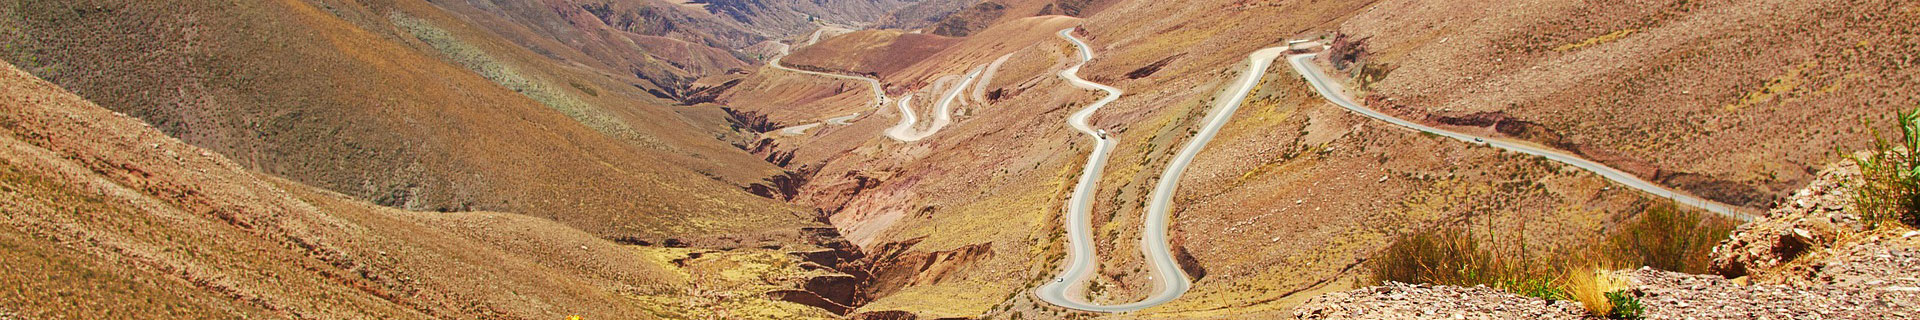 enduroreise-argentinien-motorrad-tour-slider-04